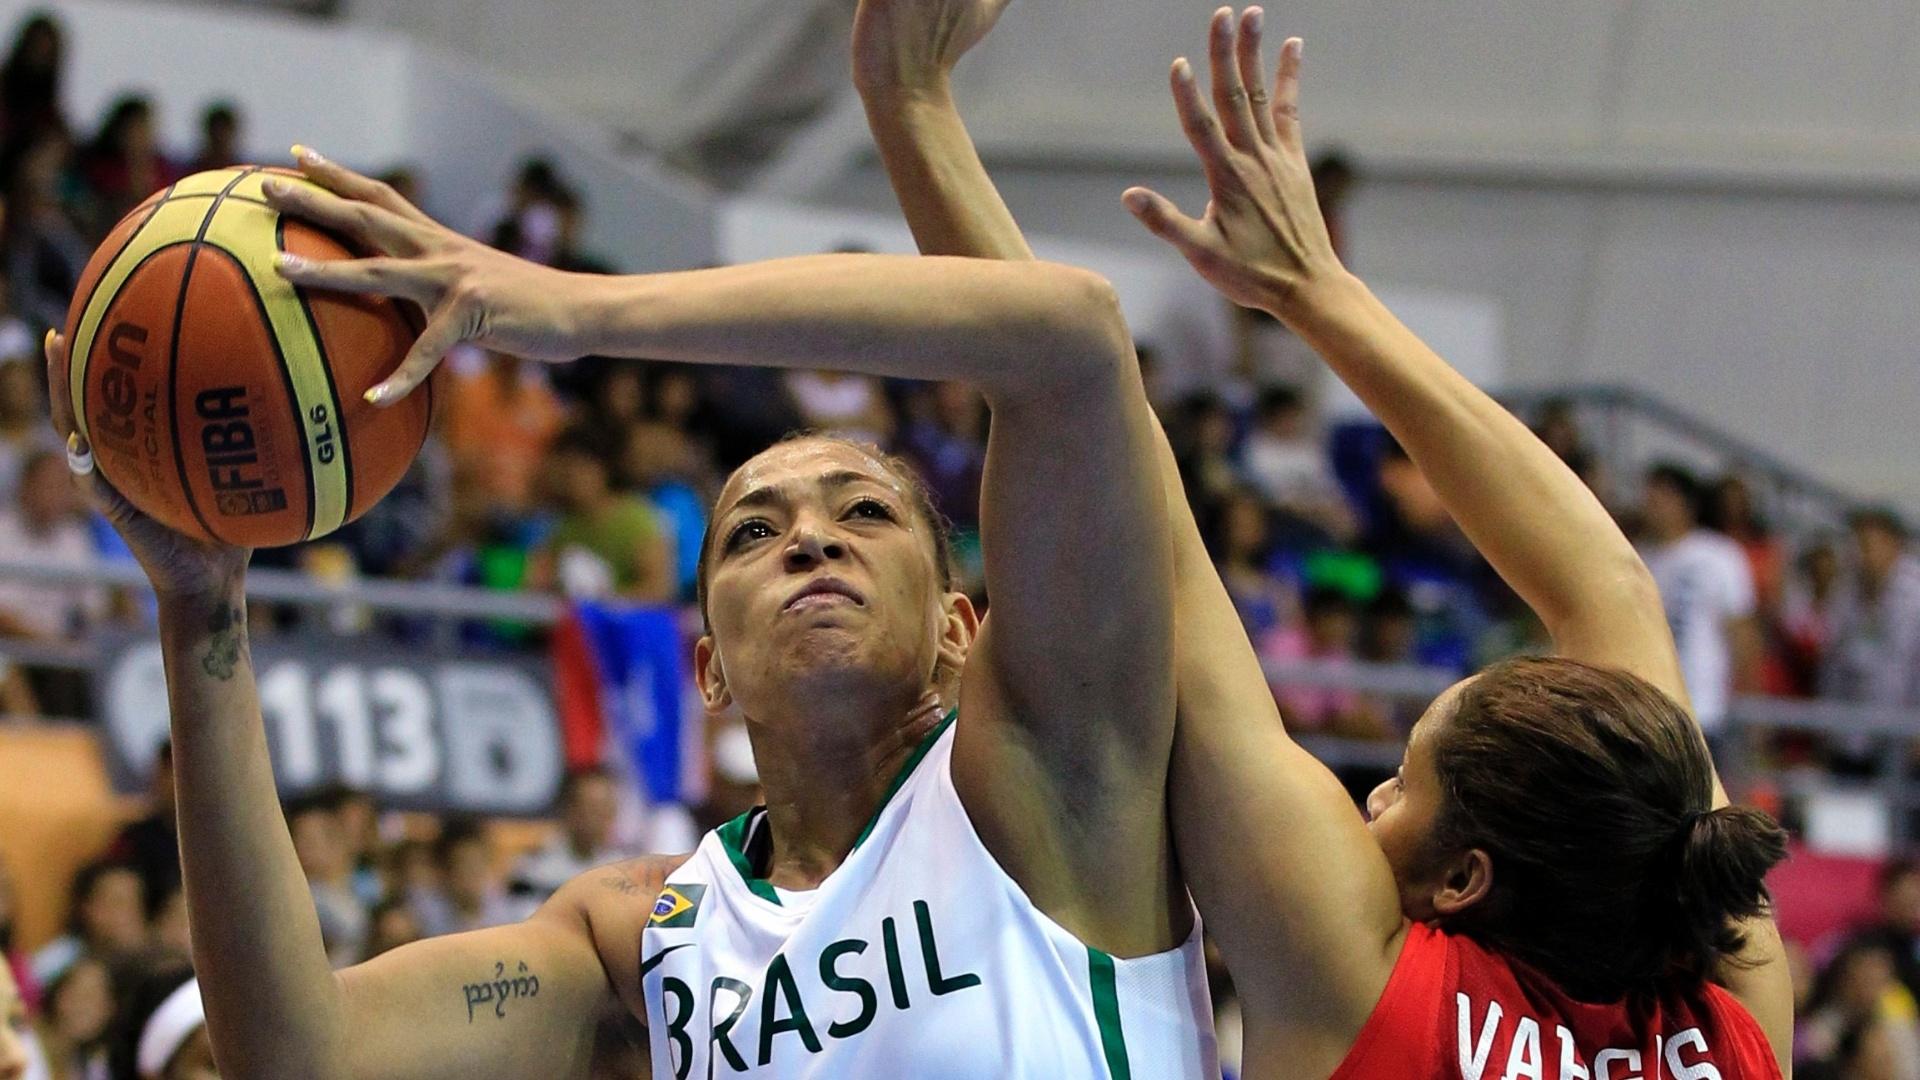 Erika disputa bola com a portorriquenha Vargas em derrota da seleção brasileira pela semifinal do basquete feminino no Pan (24/10/2011)